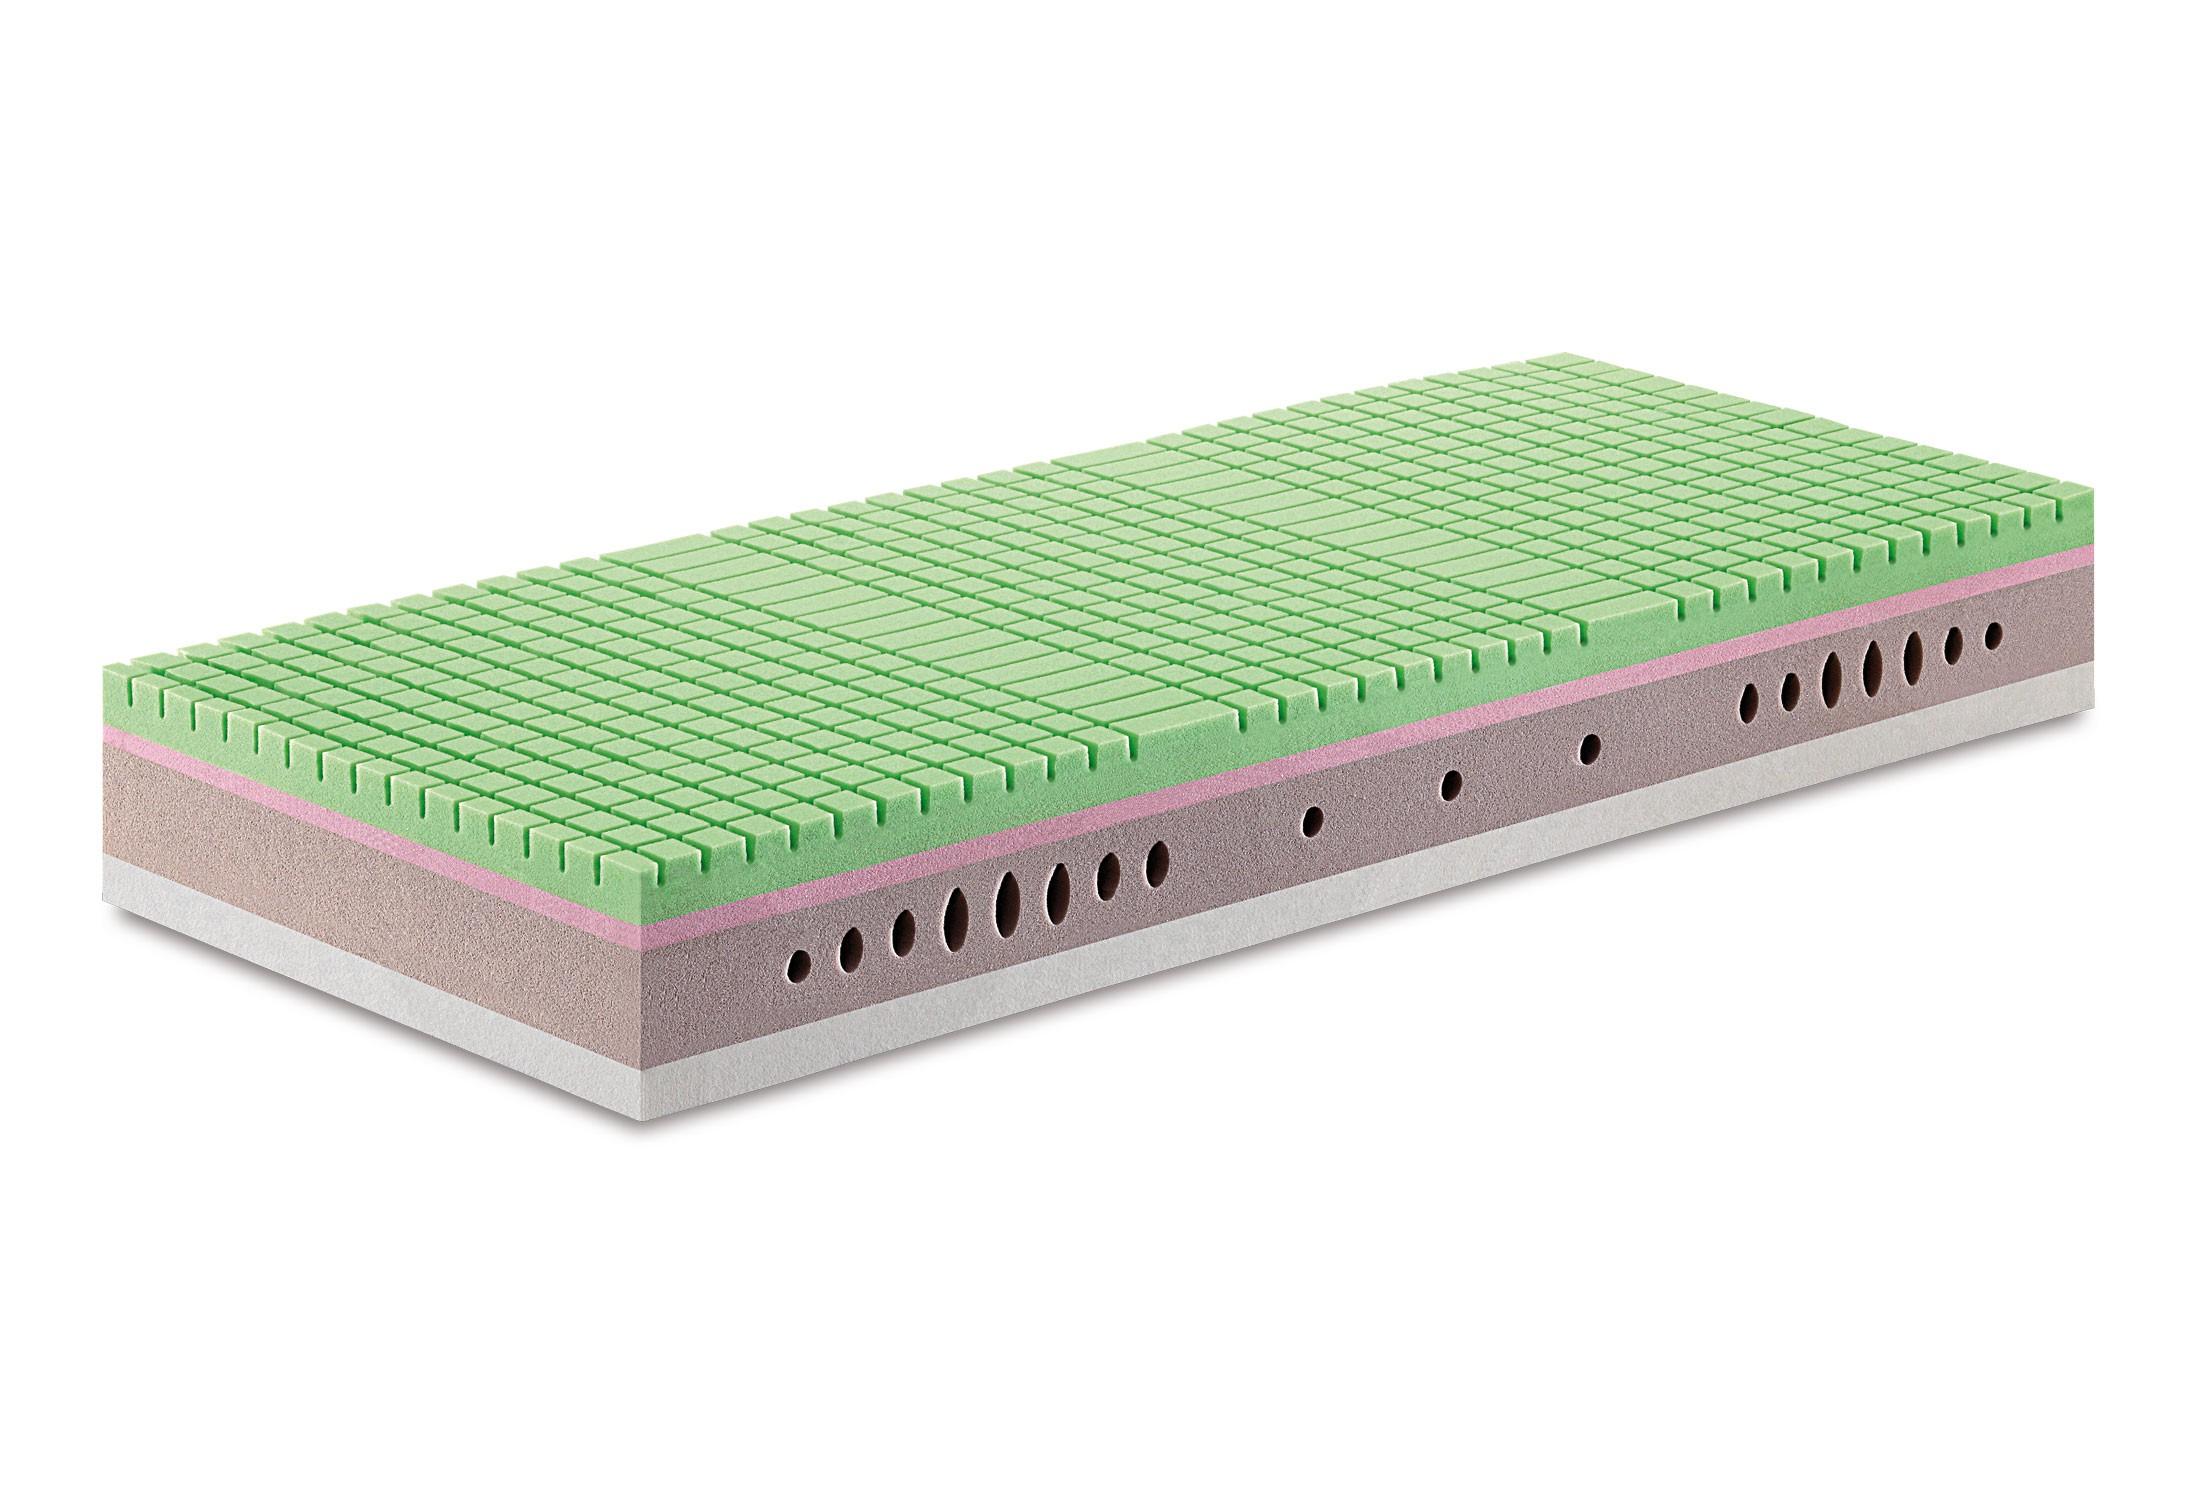 Materasso sottosopra acquistabile online manifattura falomo - Materassi in lattice ikea ...